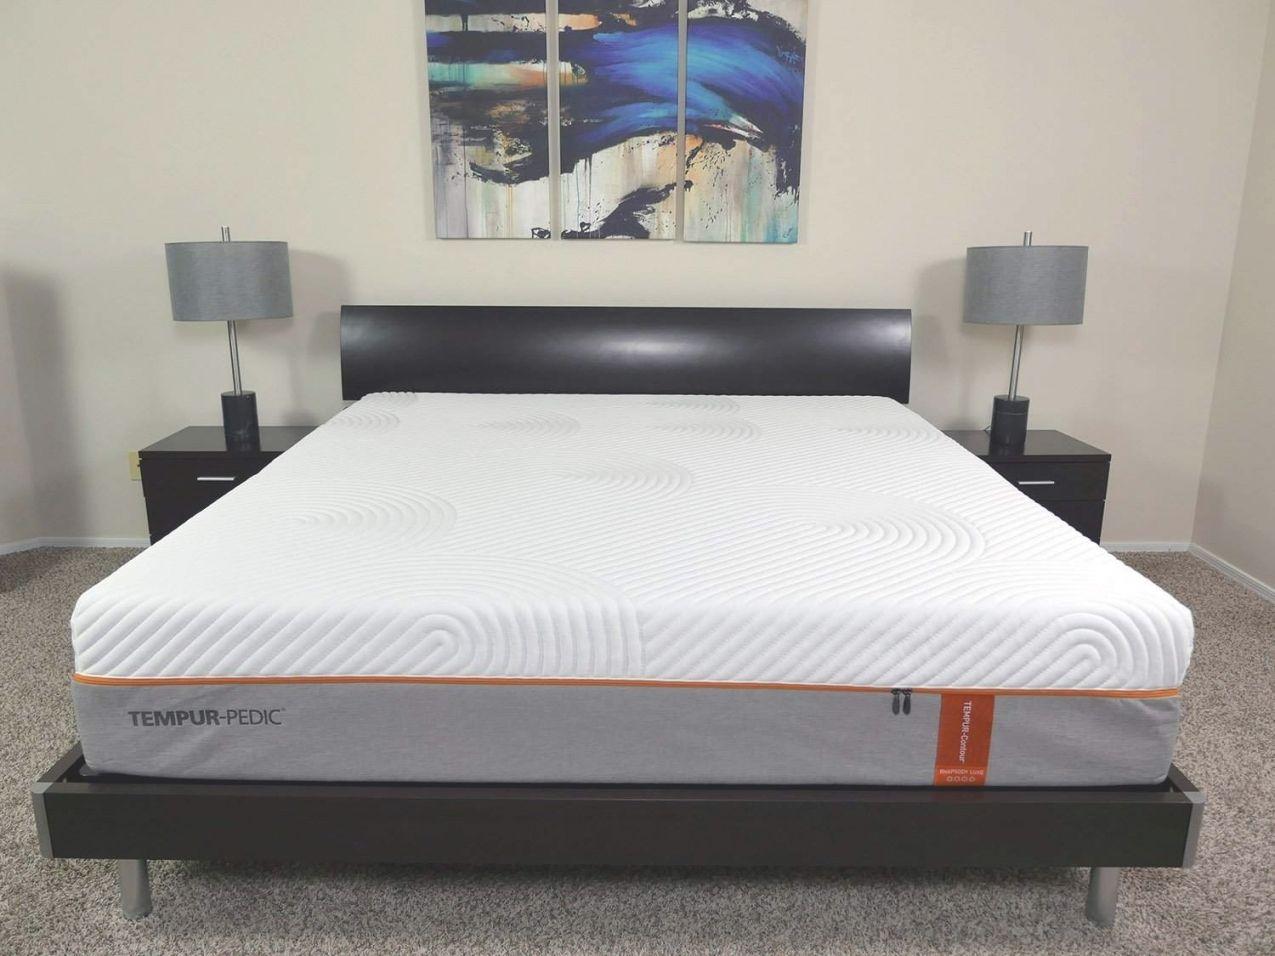 how to make tempurpedic mattress firmer